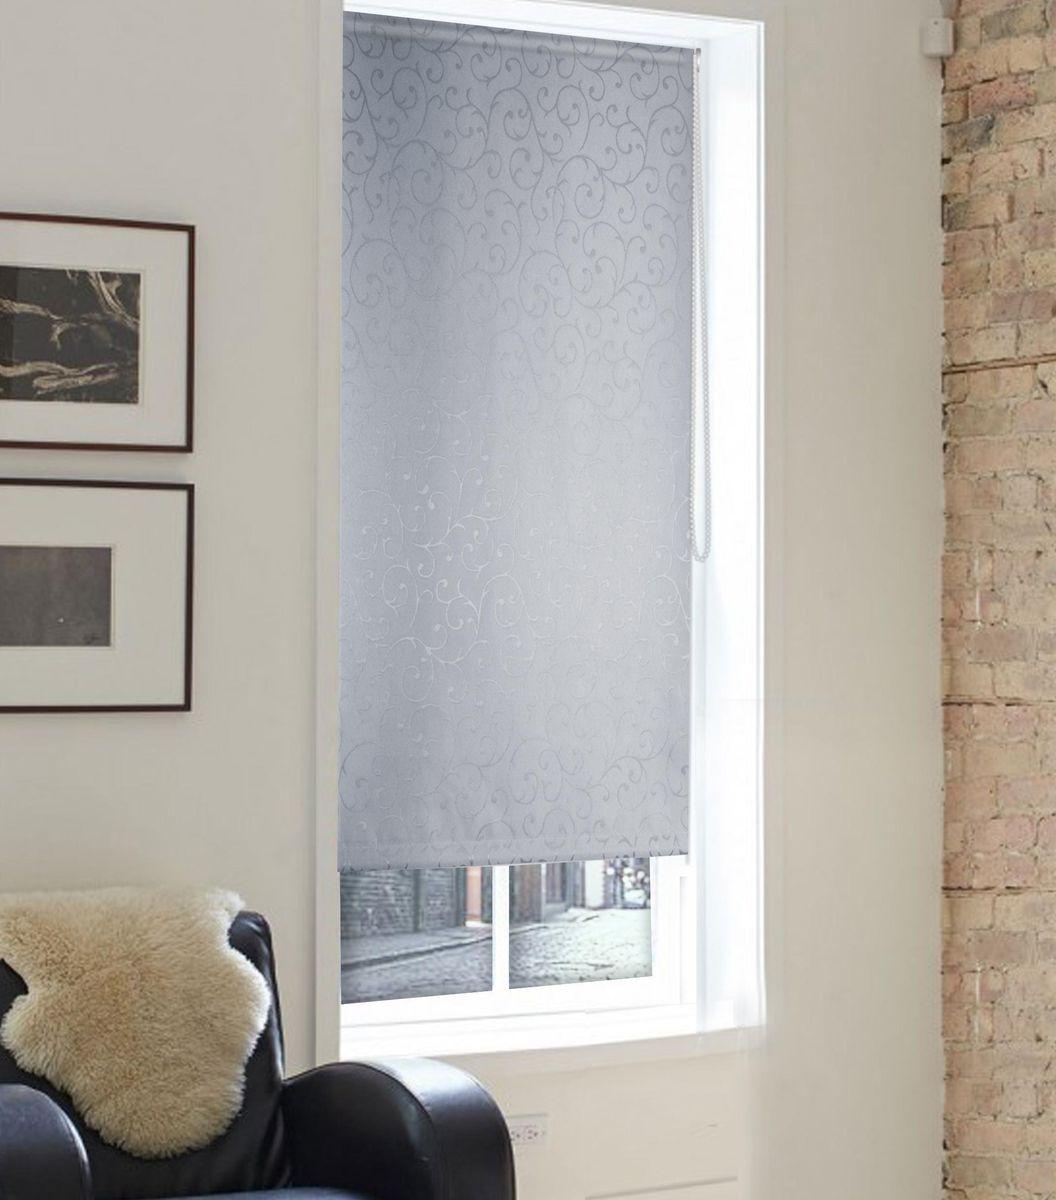 Штора рулонная Эскар Агат, цвет: серый, ширина 160 см, высота 160 см87022160160Рулонными шторами можно оформлять окна как самостоятельно, так и использовать в комбинации с портьерами. Это поможет предотвратить выгорание дорогой ткани на солнце и соединит функционал рулонных с красотой навесных. Преимущества применения рулонных штор для пластиковых окон: - имеют прекрасный внешний вид: многообразие и фактурность материала изделия отлично смотрятся в любом интерьере; - многофункциональны: есть возможность подобрать шторы способные эффективно защитить комнату от солнца, при этом она не будет слишком темной. - Есть возможность осуществить быстрый монтаж. ВНИМАНИЕ! Размеры ширины изделия указаны по ширине ткани! Во время эксплуатации не рекомендуется полностью разматывать рулон, чтобы не оторвать ткань от намоточного вала. В случае загрязнения поверхности ткани, чистку шторы проводят одним из способов, в зависимости от типа загрязнения: легкое поверхностное загрязнение можно удалить при помощи канцелярского ластика; чистка от пыли производится сухим методом при...